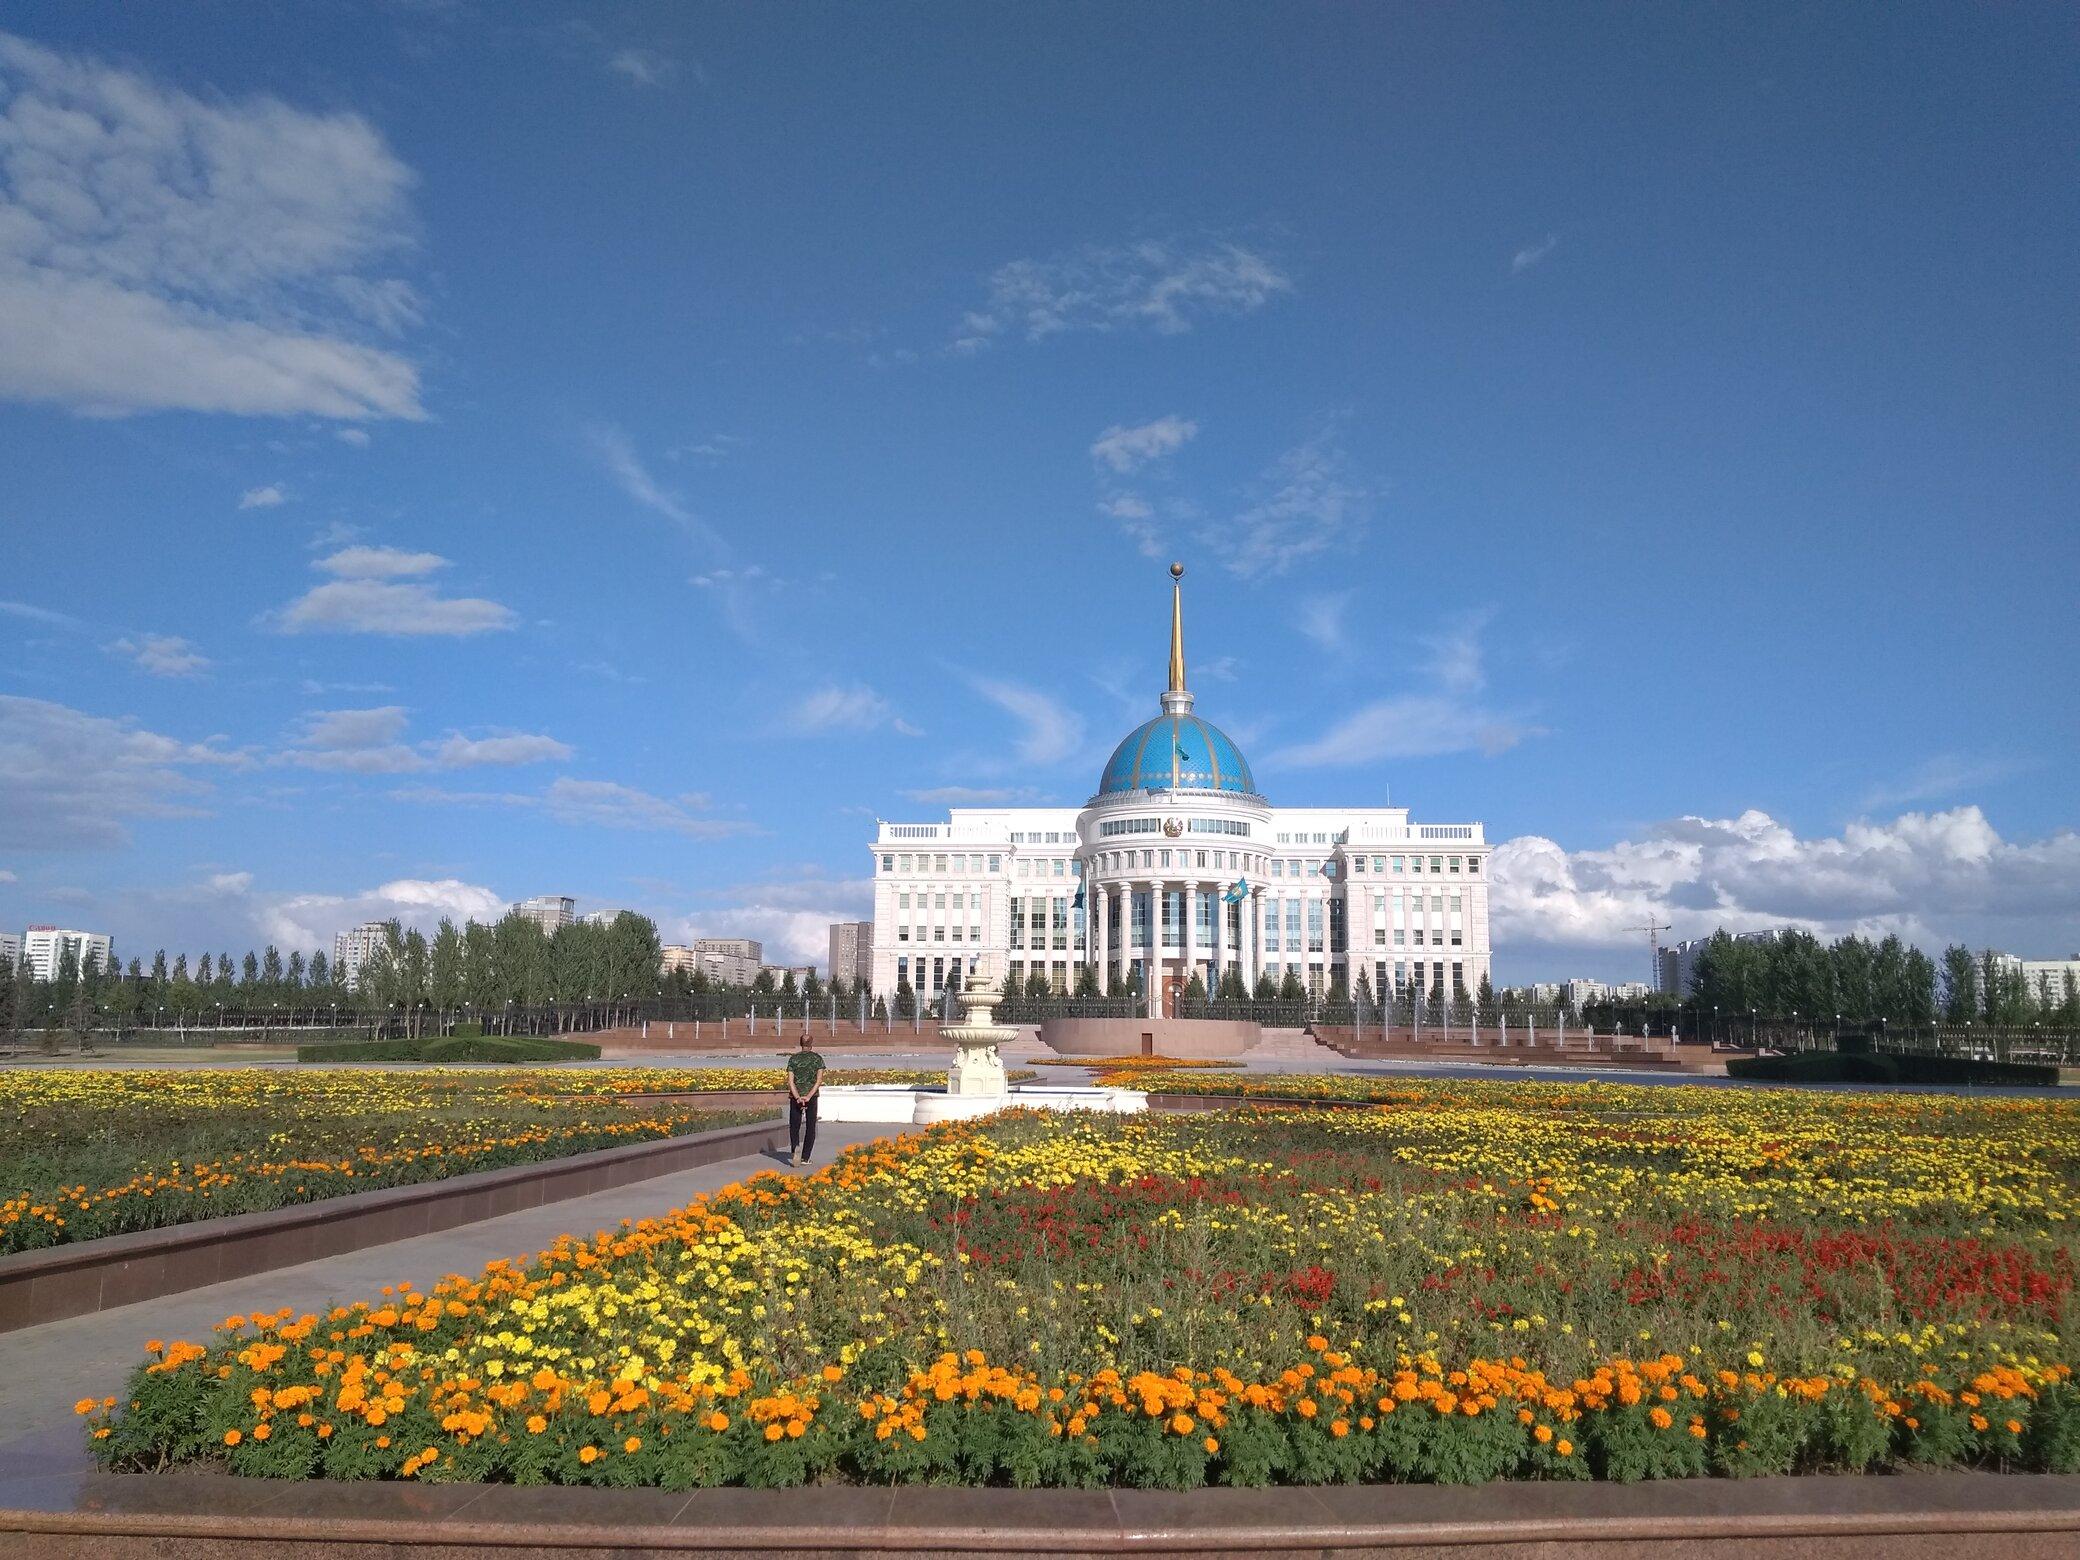 Palacio presidencial de la capital de Kazajistán